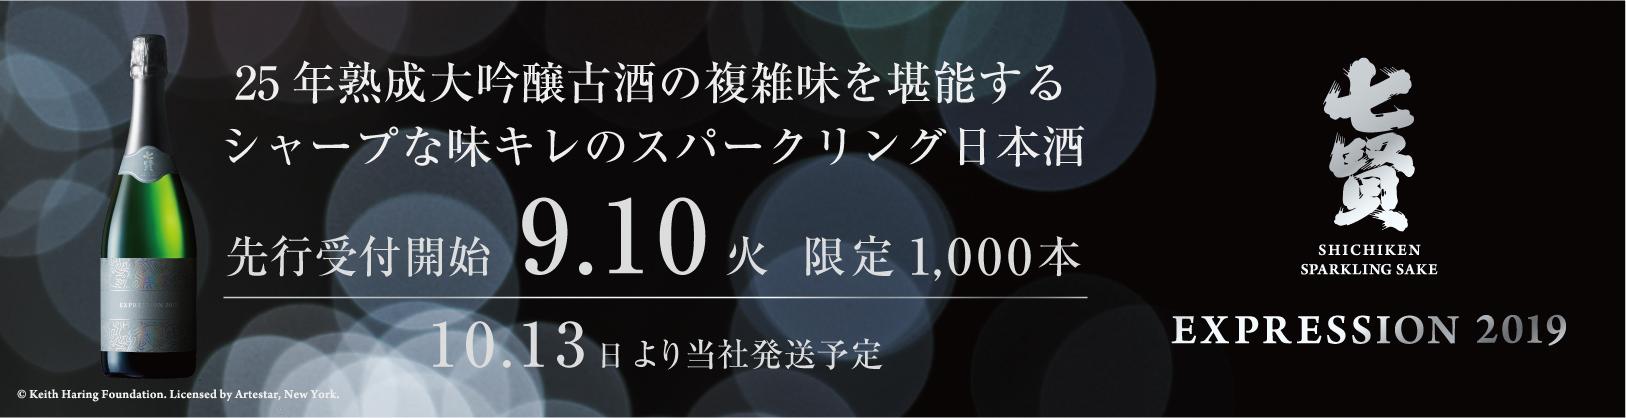 スパークリング EXPRESSION2019 10/11出荷開始